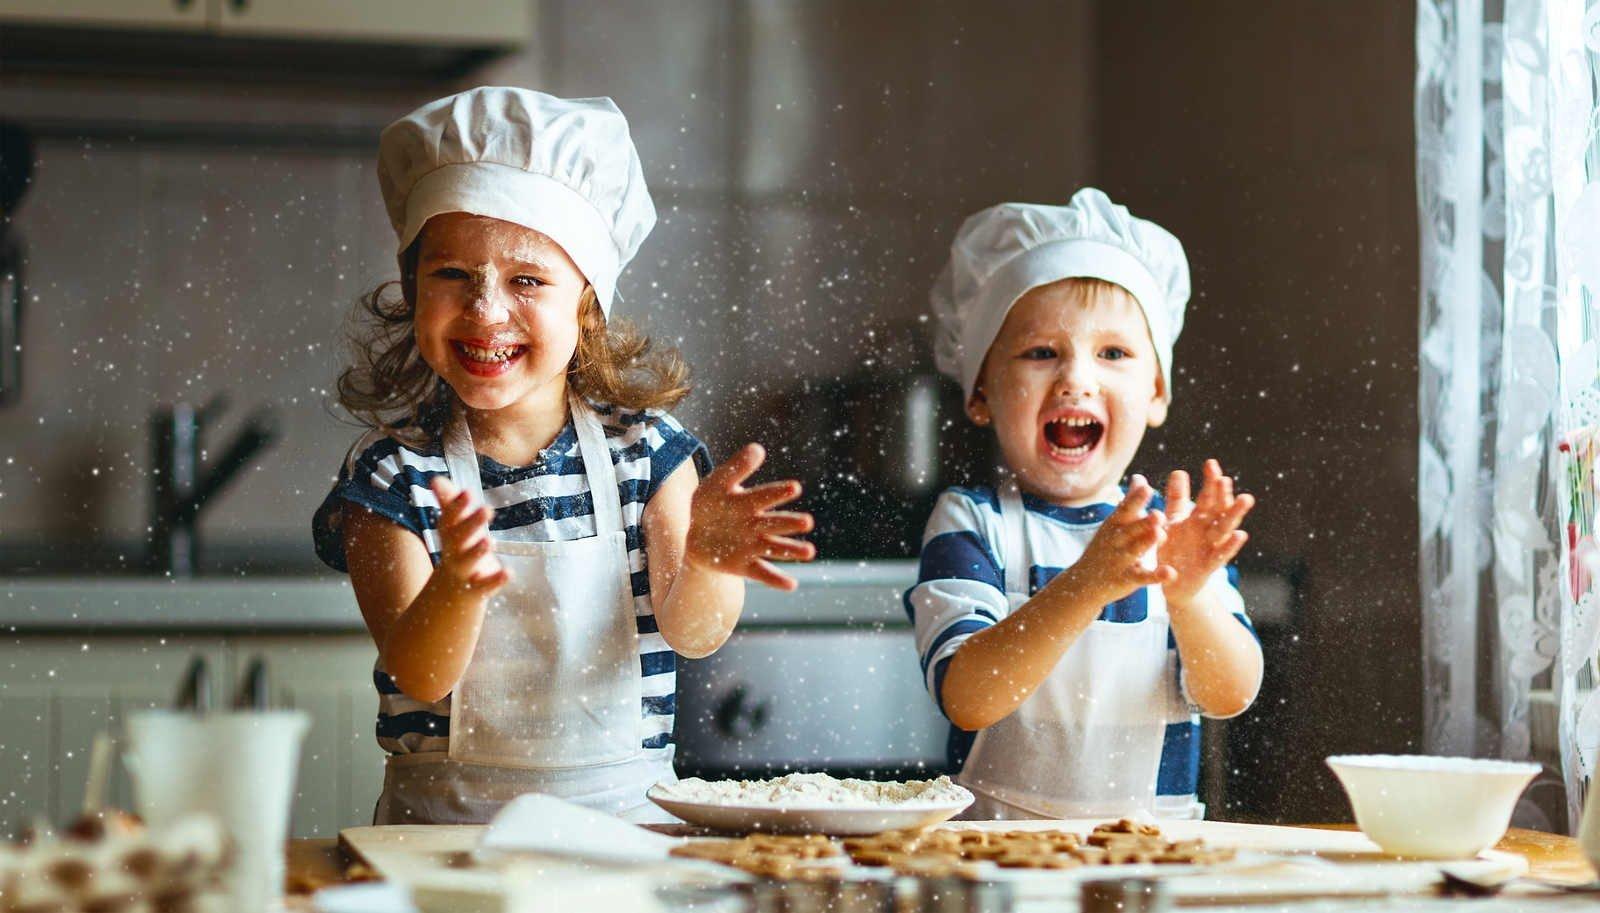 10 typó małego kucharza którym jest Twoje dziecko?